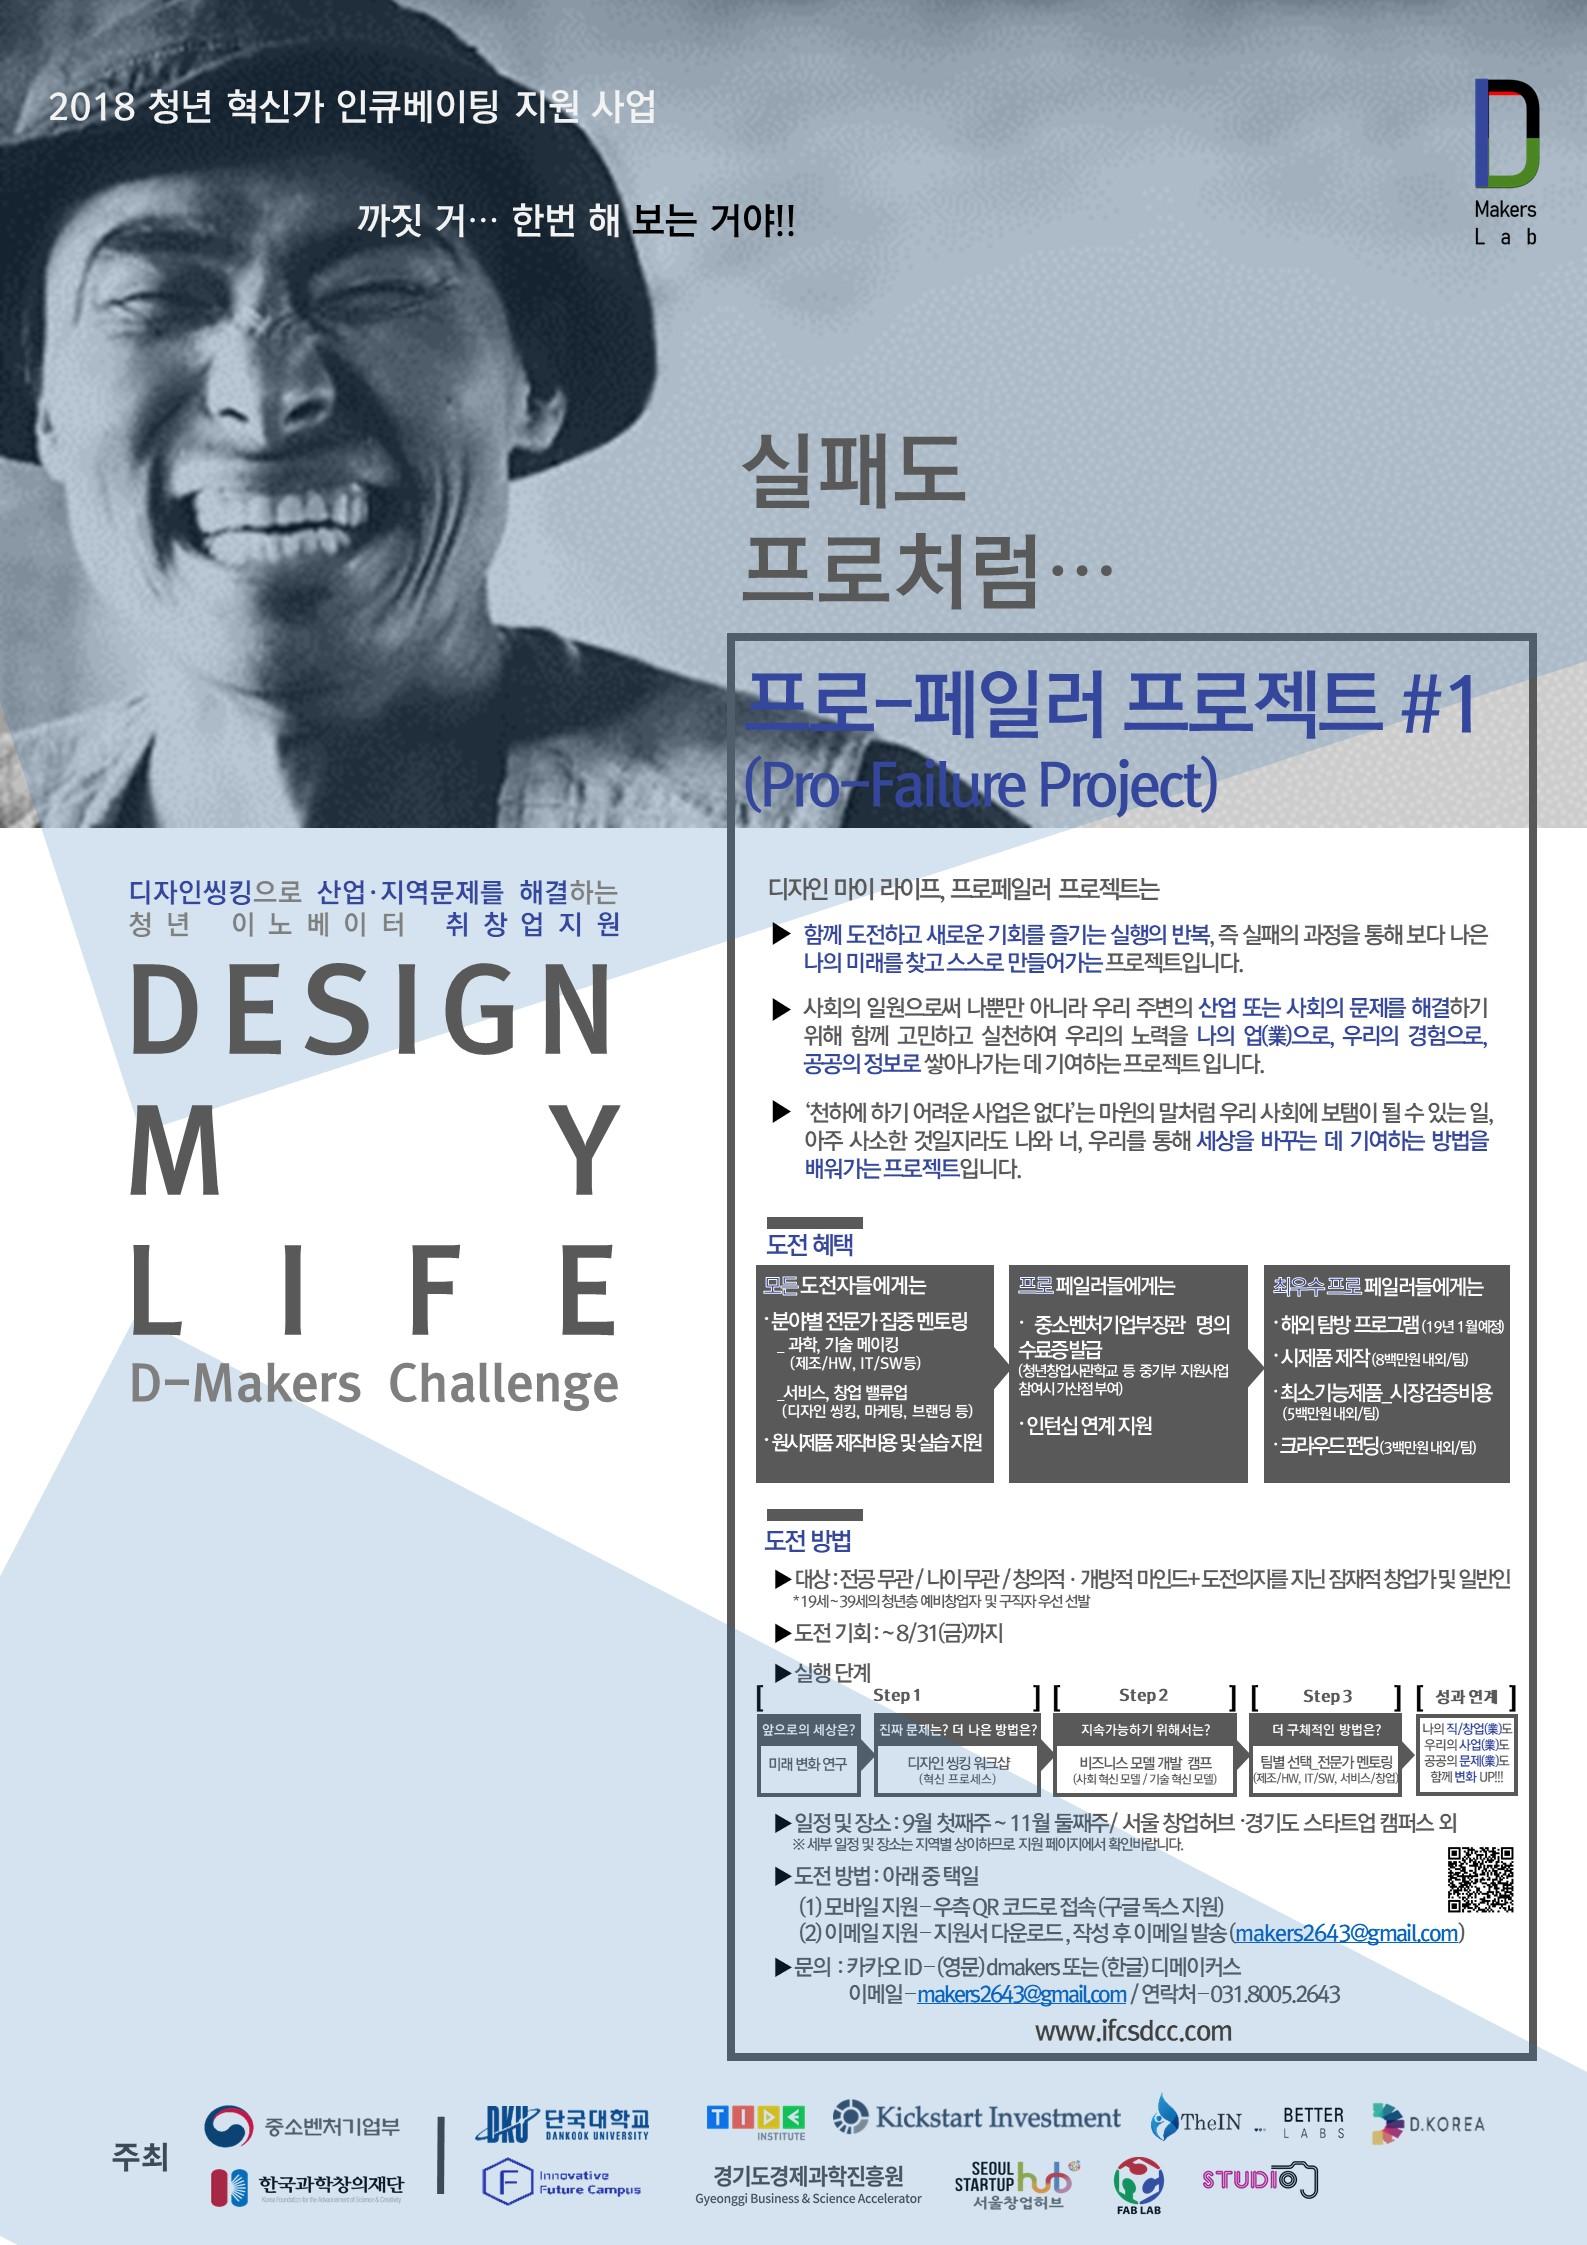 [홍보]디자인 마이 라이프, 프로페일러(pro-Failure) 프로젝트 모집